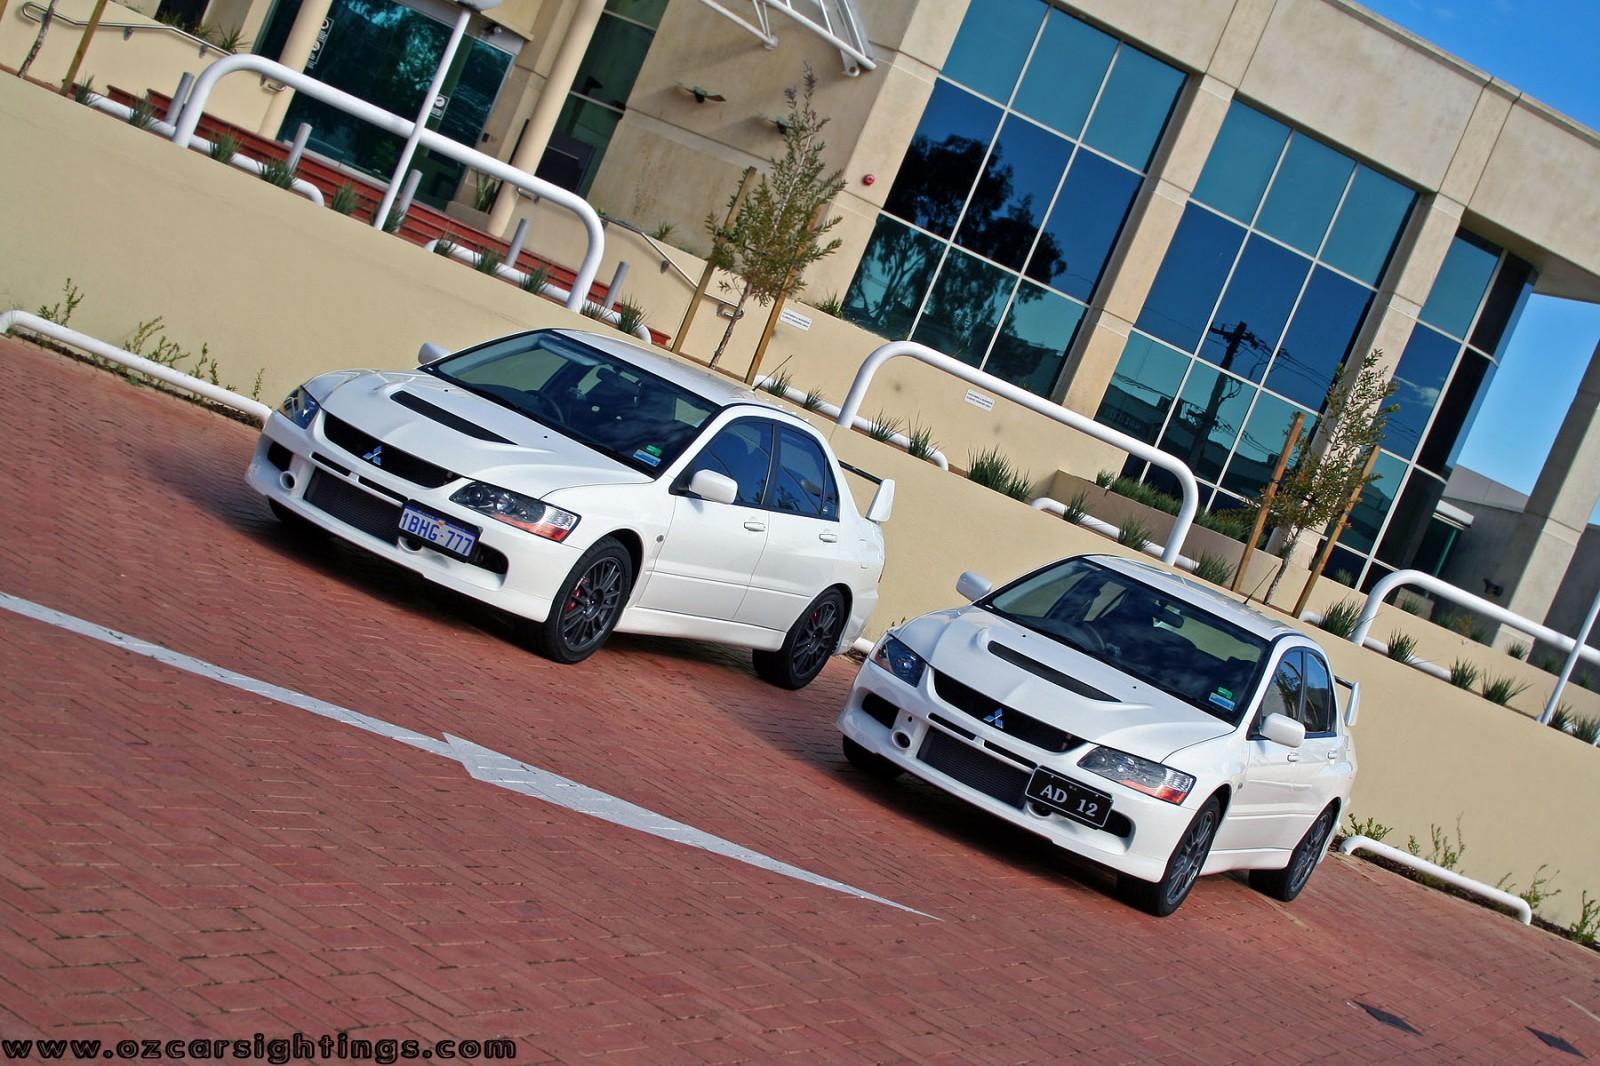 Twin Mitsubishi Evo IX